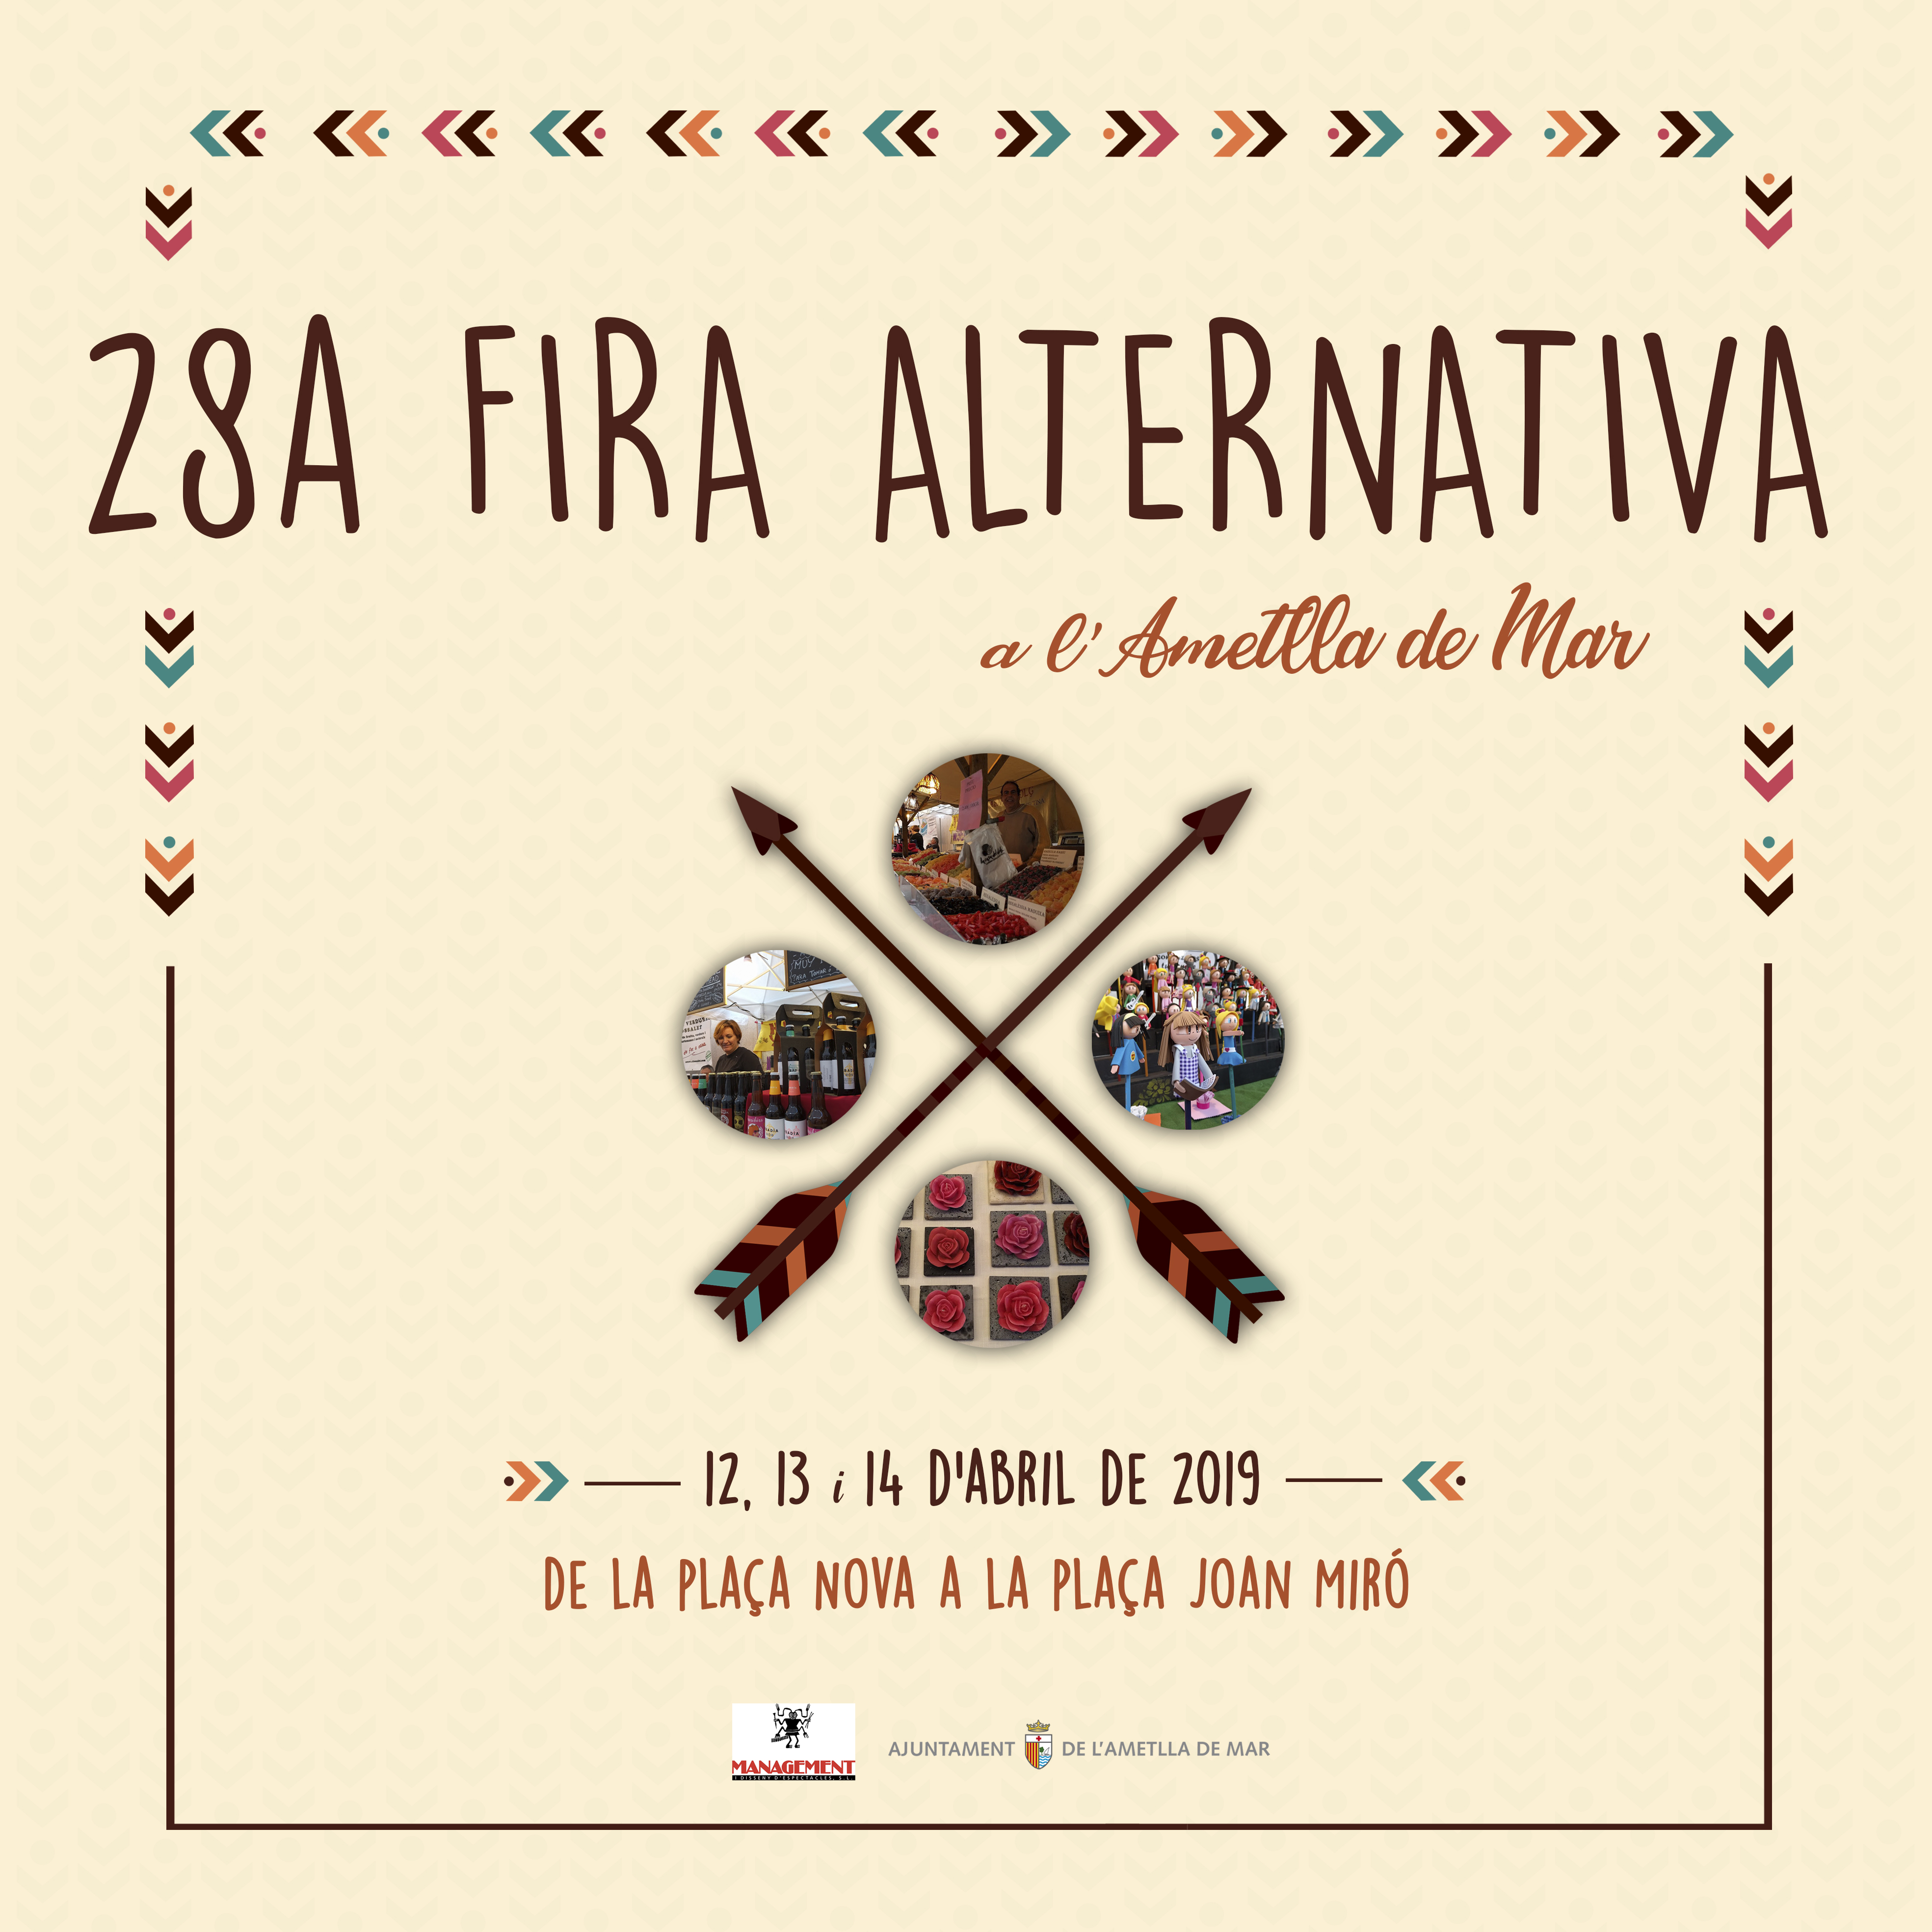 28a Fira Alternativa